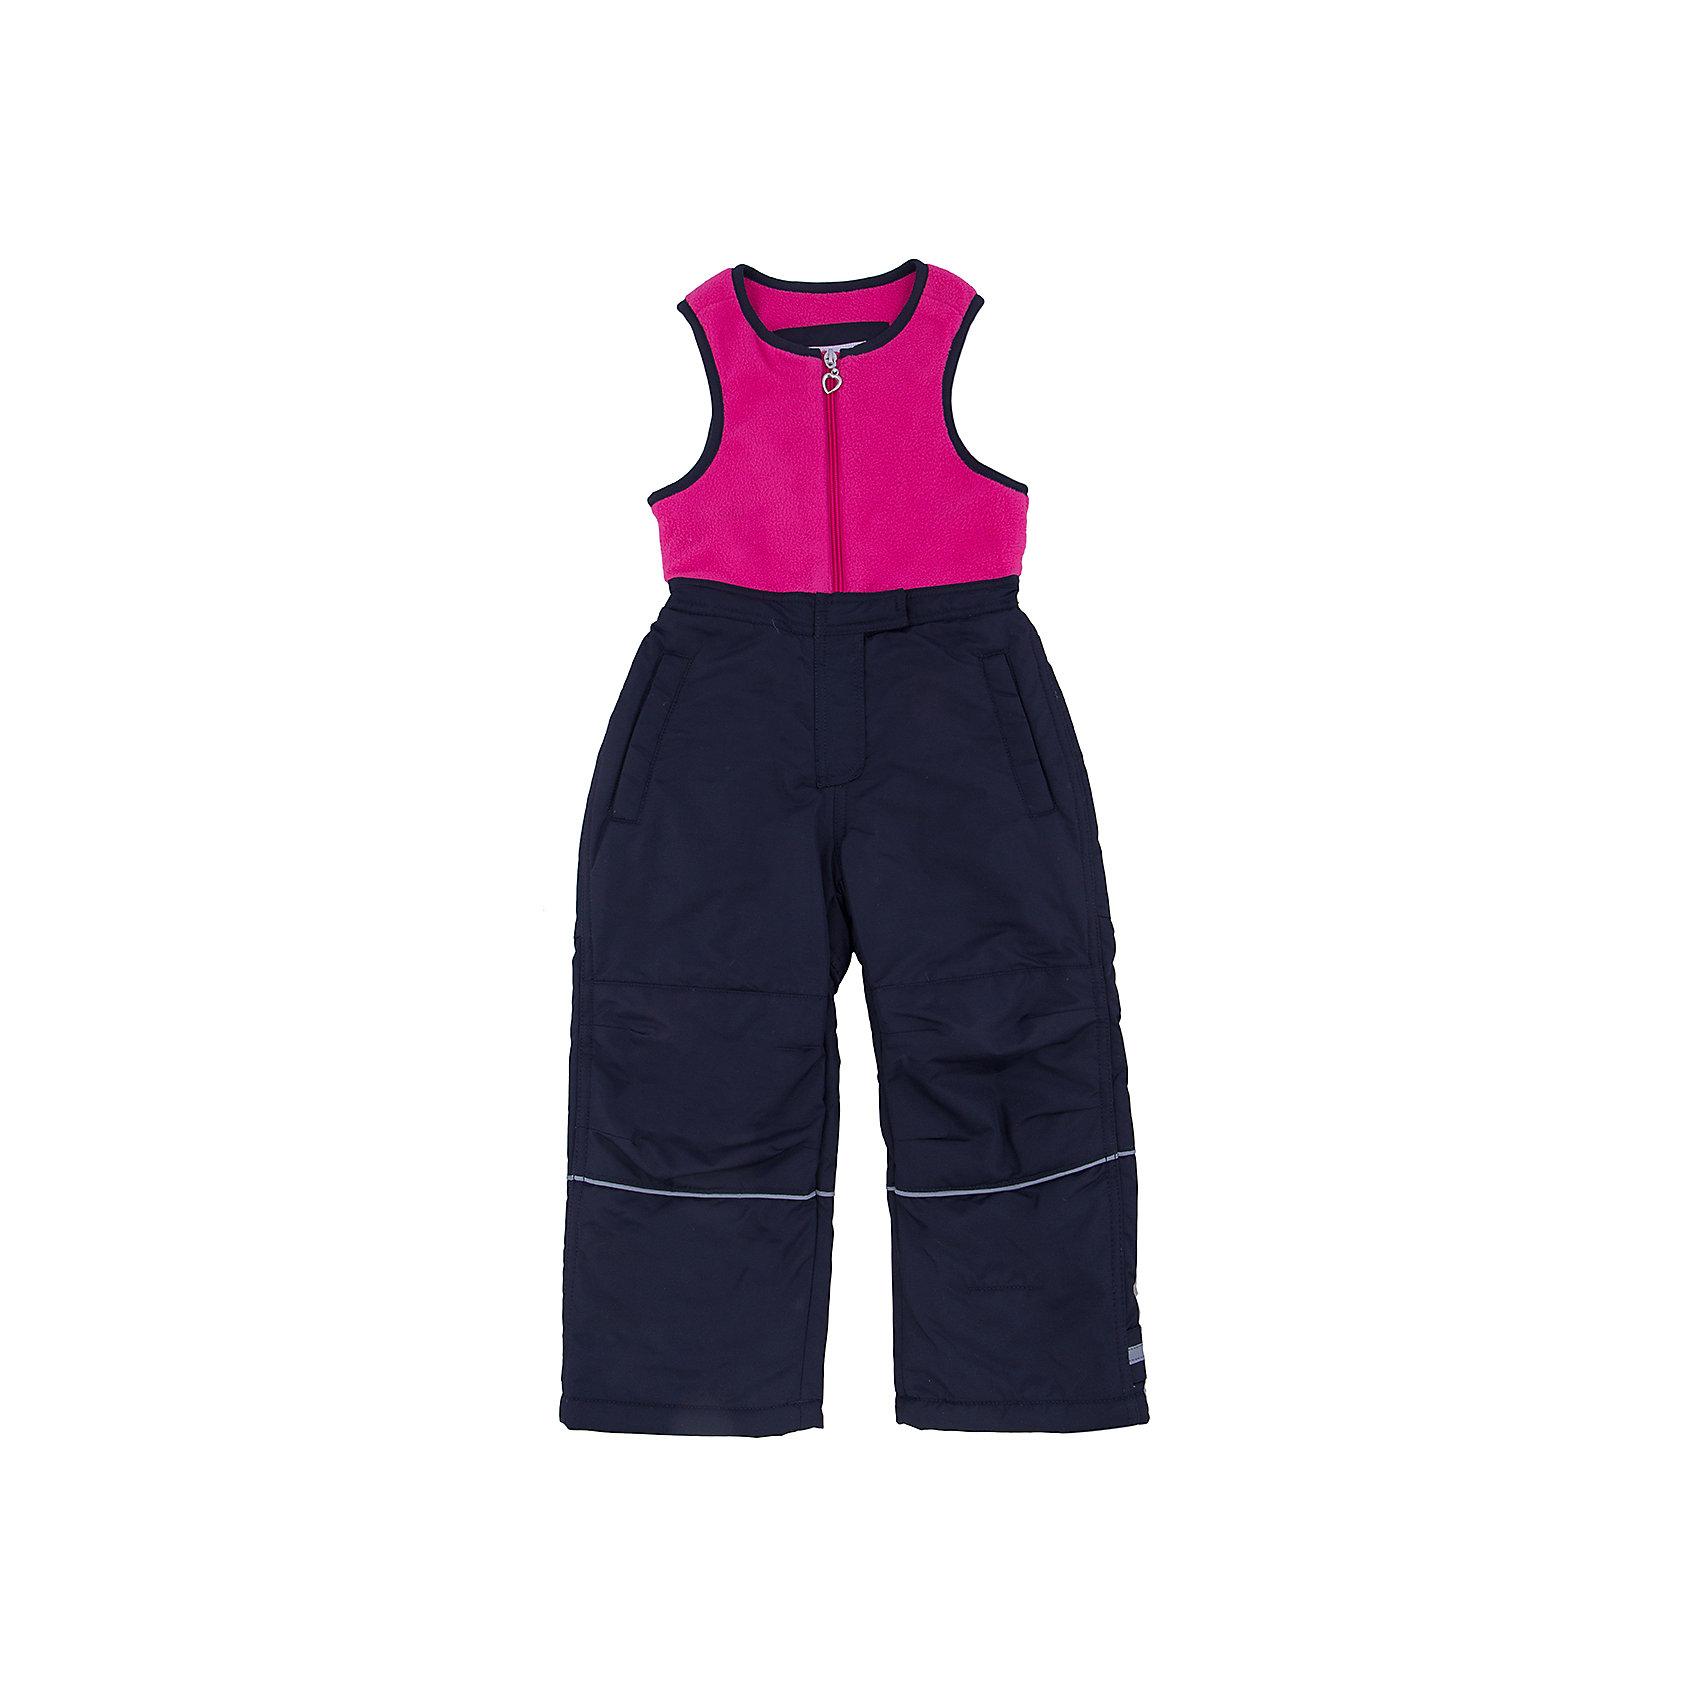 Комбинезон для девочки SELAВерхняя одежда<br>Утепленный комбинезон - незаменимая вещь для детей в прохладное время года. Эта модель отлично сидит на ребенке, она сшита из плотного материала, позволяет заниматься спортом на свежем воздухе зимой. Мягкая подкладка не вызывает аллергии и обеспечивает ребенку комфорт. Модель станет отличной базовой вещью, которая будет уместна в различных сочетаниях.<br>Одежда от бренда Sela (Села) - это качество по приемлемым ценам. Многие российские родители уже оценили преимущества продукции этой компании и всё чаще приобретают одежду и аксессуары Sela.<br><br>Дополнительная информация:<br><br>цвет: синий;<br>материал: верх - 100% ПЭ, утеплитель - 100% ПЭ, подкладка - 100% ПЭ;<br>светоотражающие детали;<br>застежка - молния.<br><br>Комбинезон для девочки от бренда Sela можно купить в нашем интернет-магазине.<br><br>Ширина мм: 356<br>Глубина мм: 10<br>Высота мм: 245<br>Вес г: 519<br>Цвет: синий<br>Возраст от месяцев: 24<br>Возраст до месяцев: 36<br>Пол: Женский<br>Возраст: Детский<br>Размер: 98,116,104,110<br>SKU: 4944019